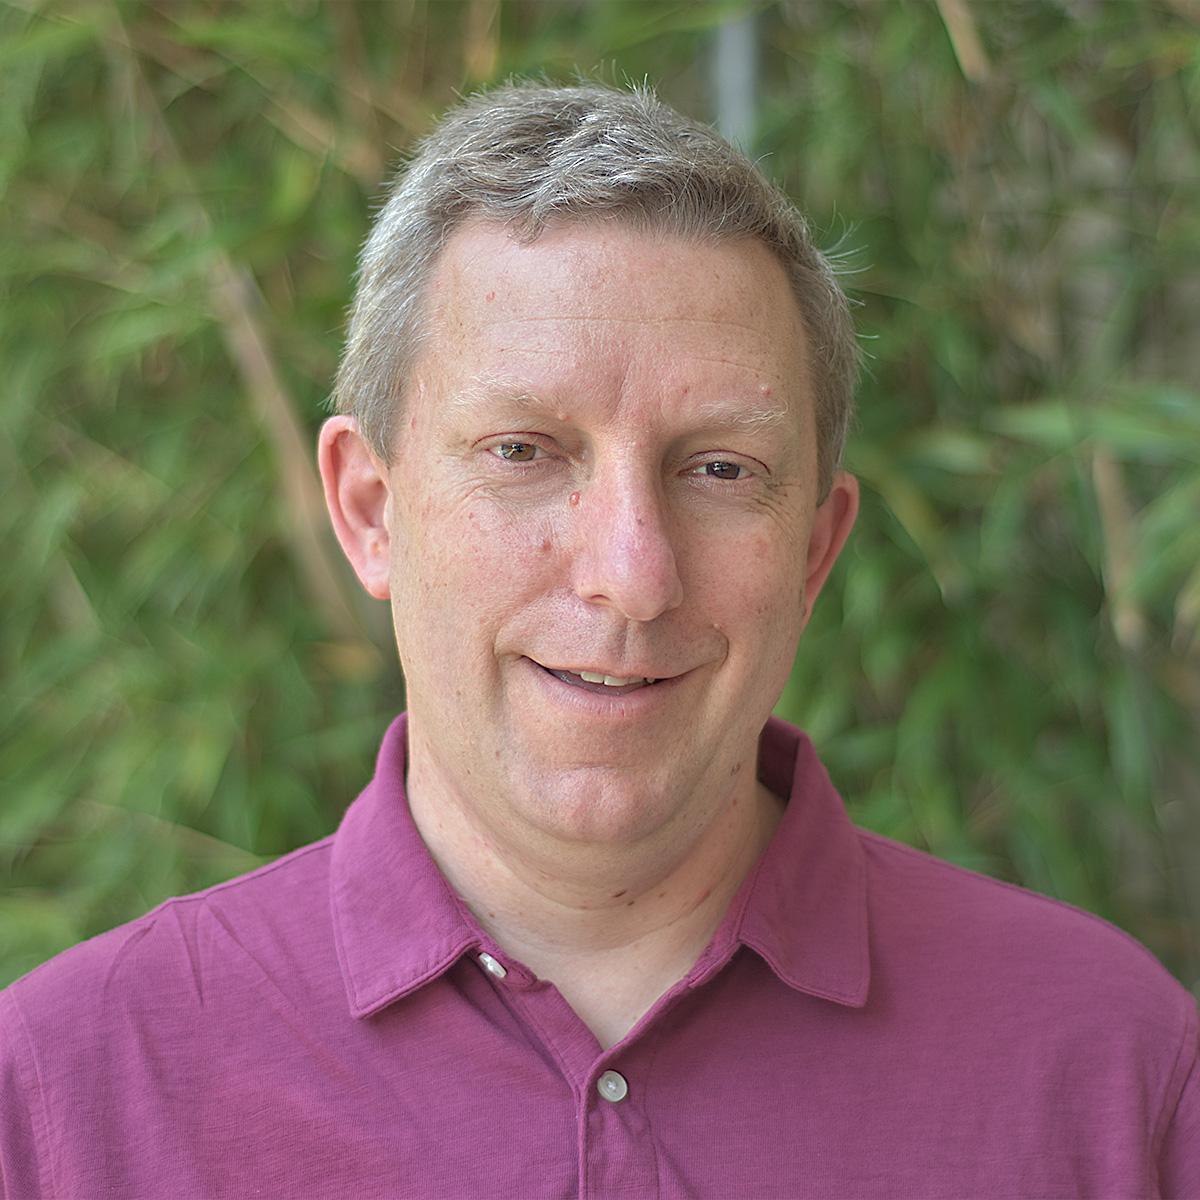 Headshot of Andy Murdock